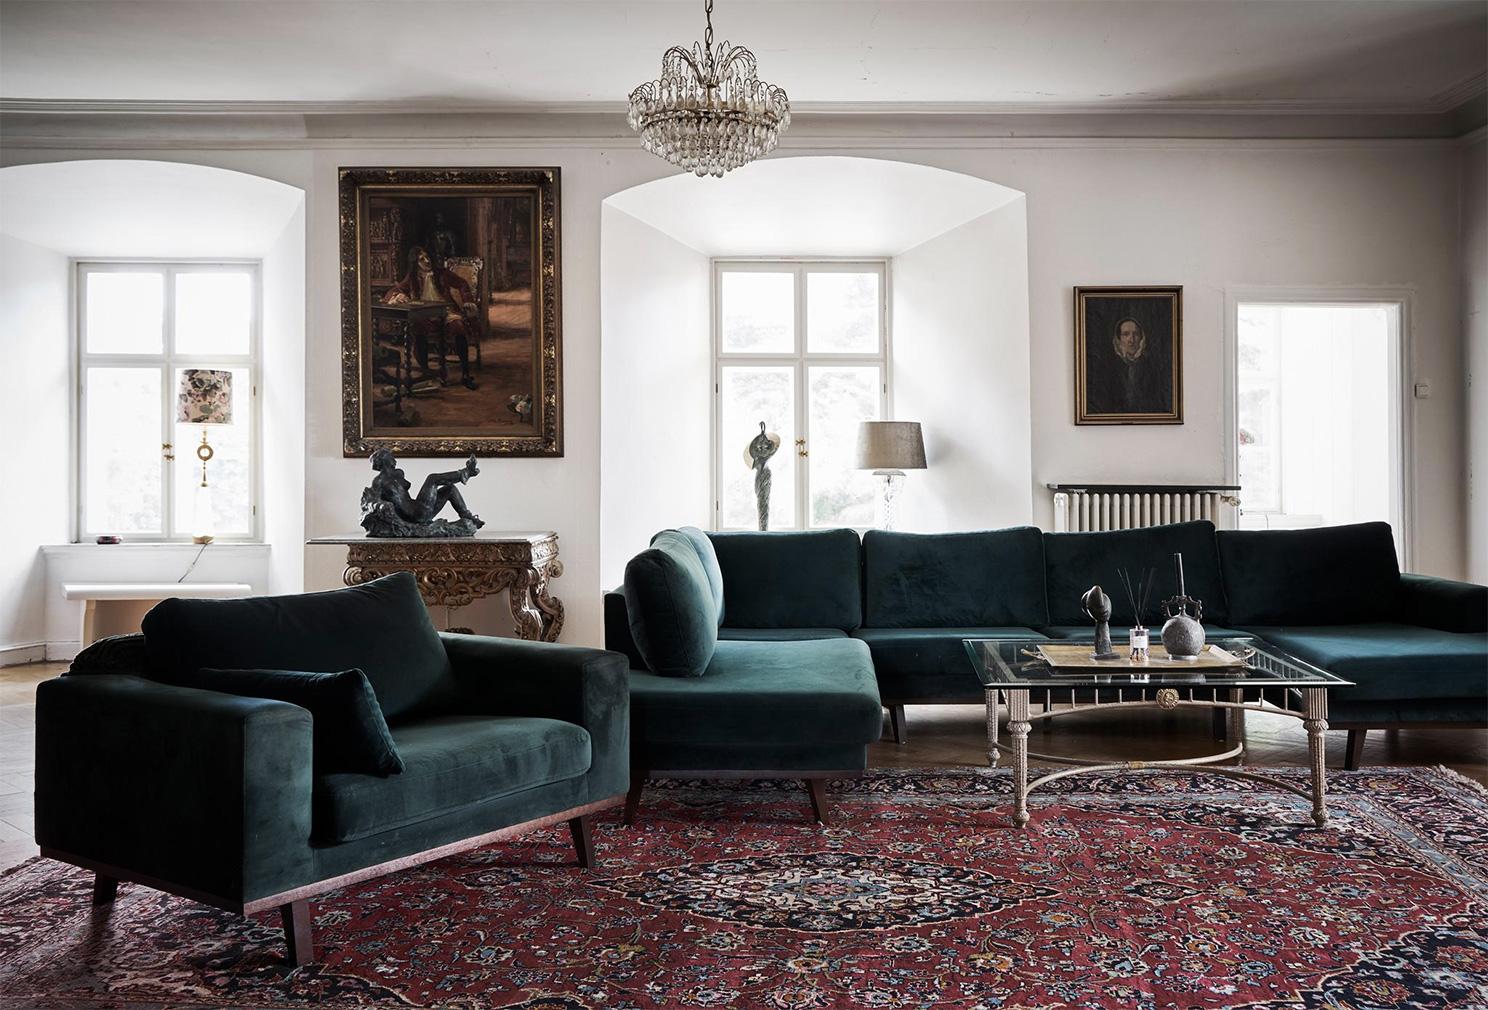 Sweden's Gärsnäs Castle is for sale via Fantastic Frank